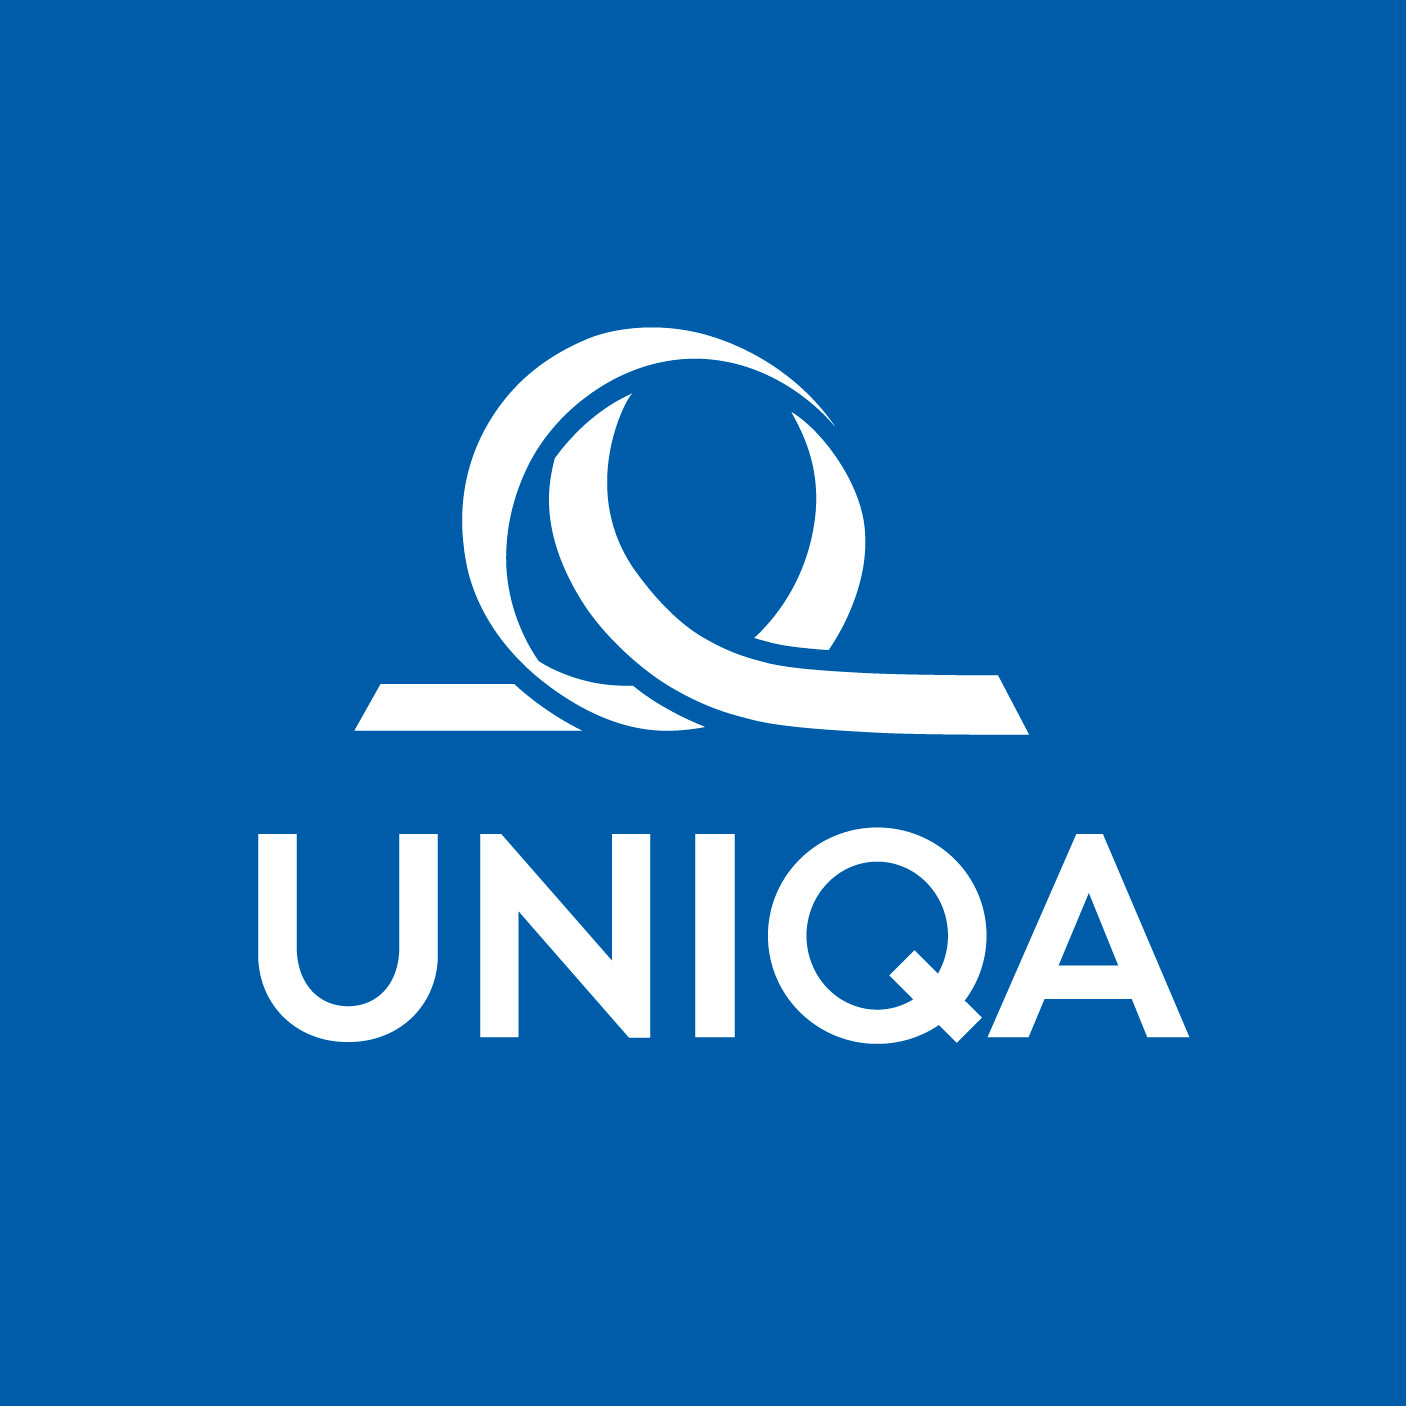 UNIQA Landesdirektion Wien - ServiceCenter & Kfz Zulassungsstelle